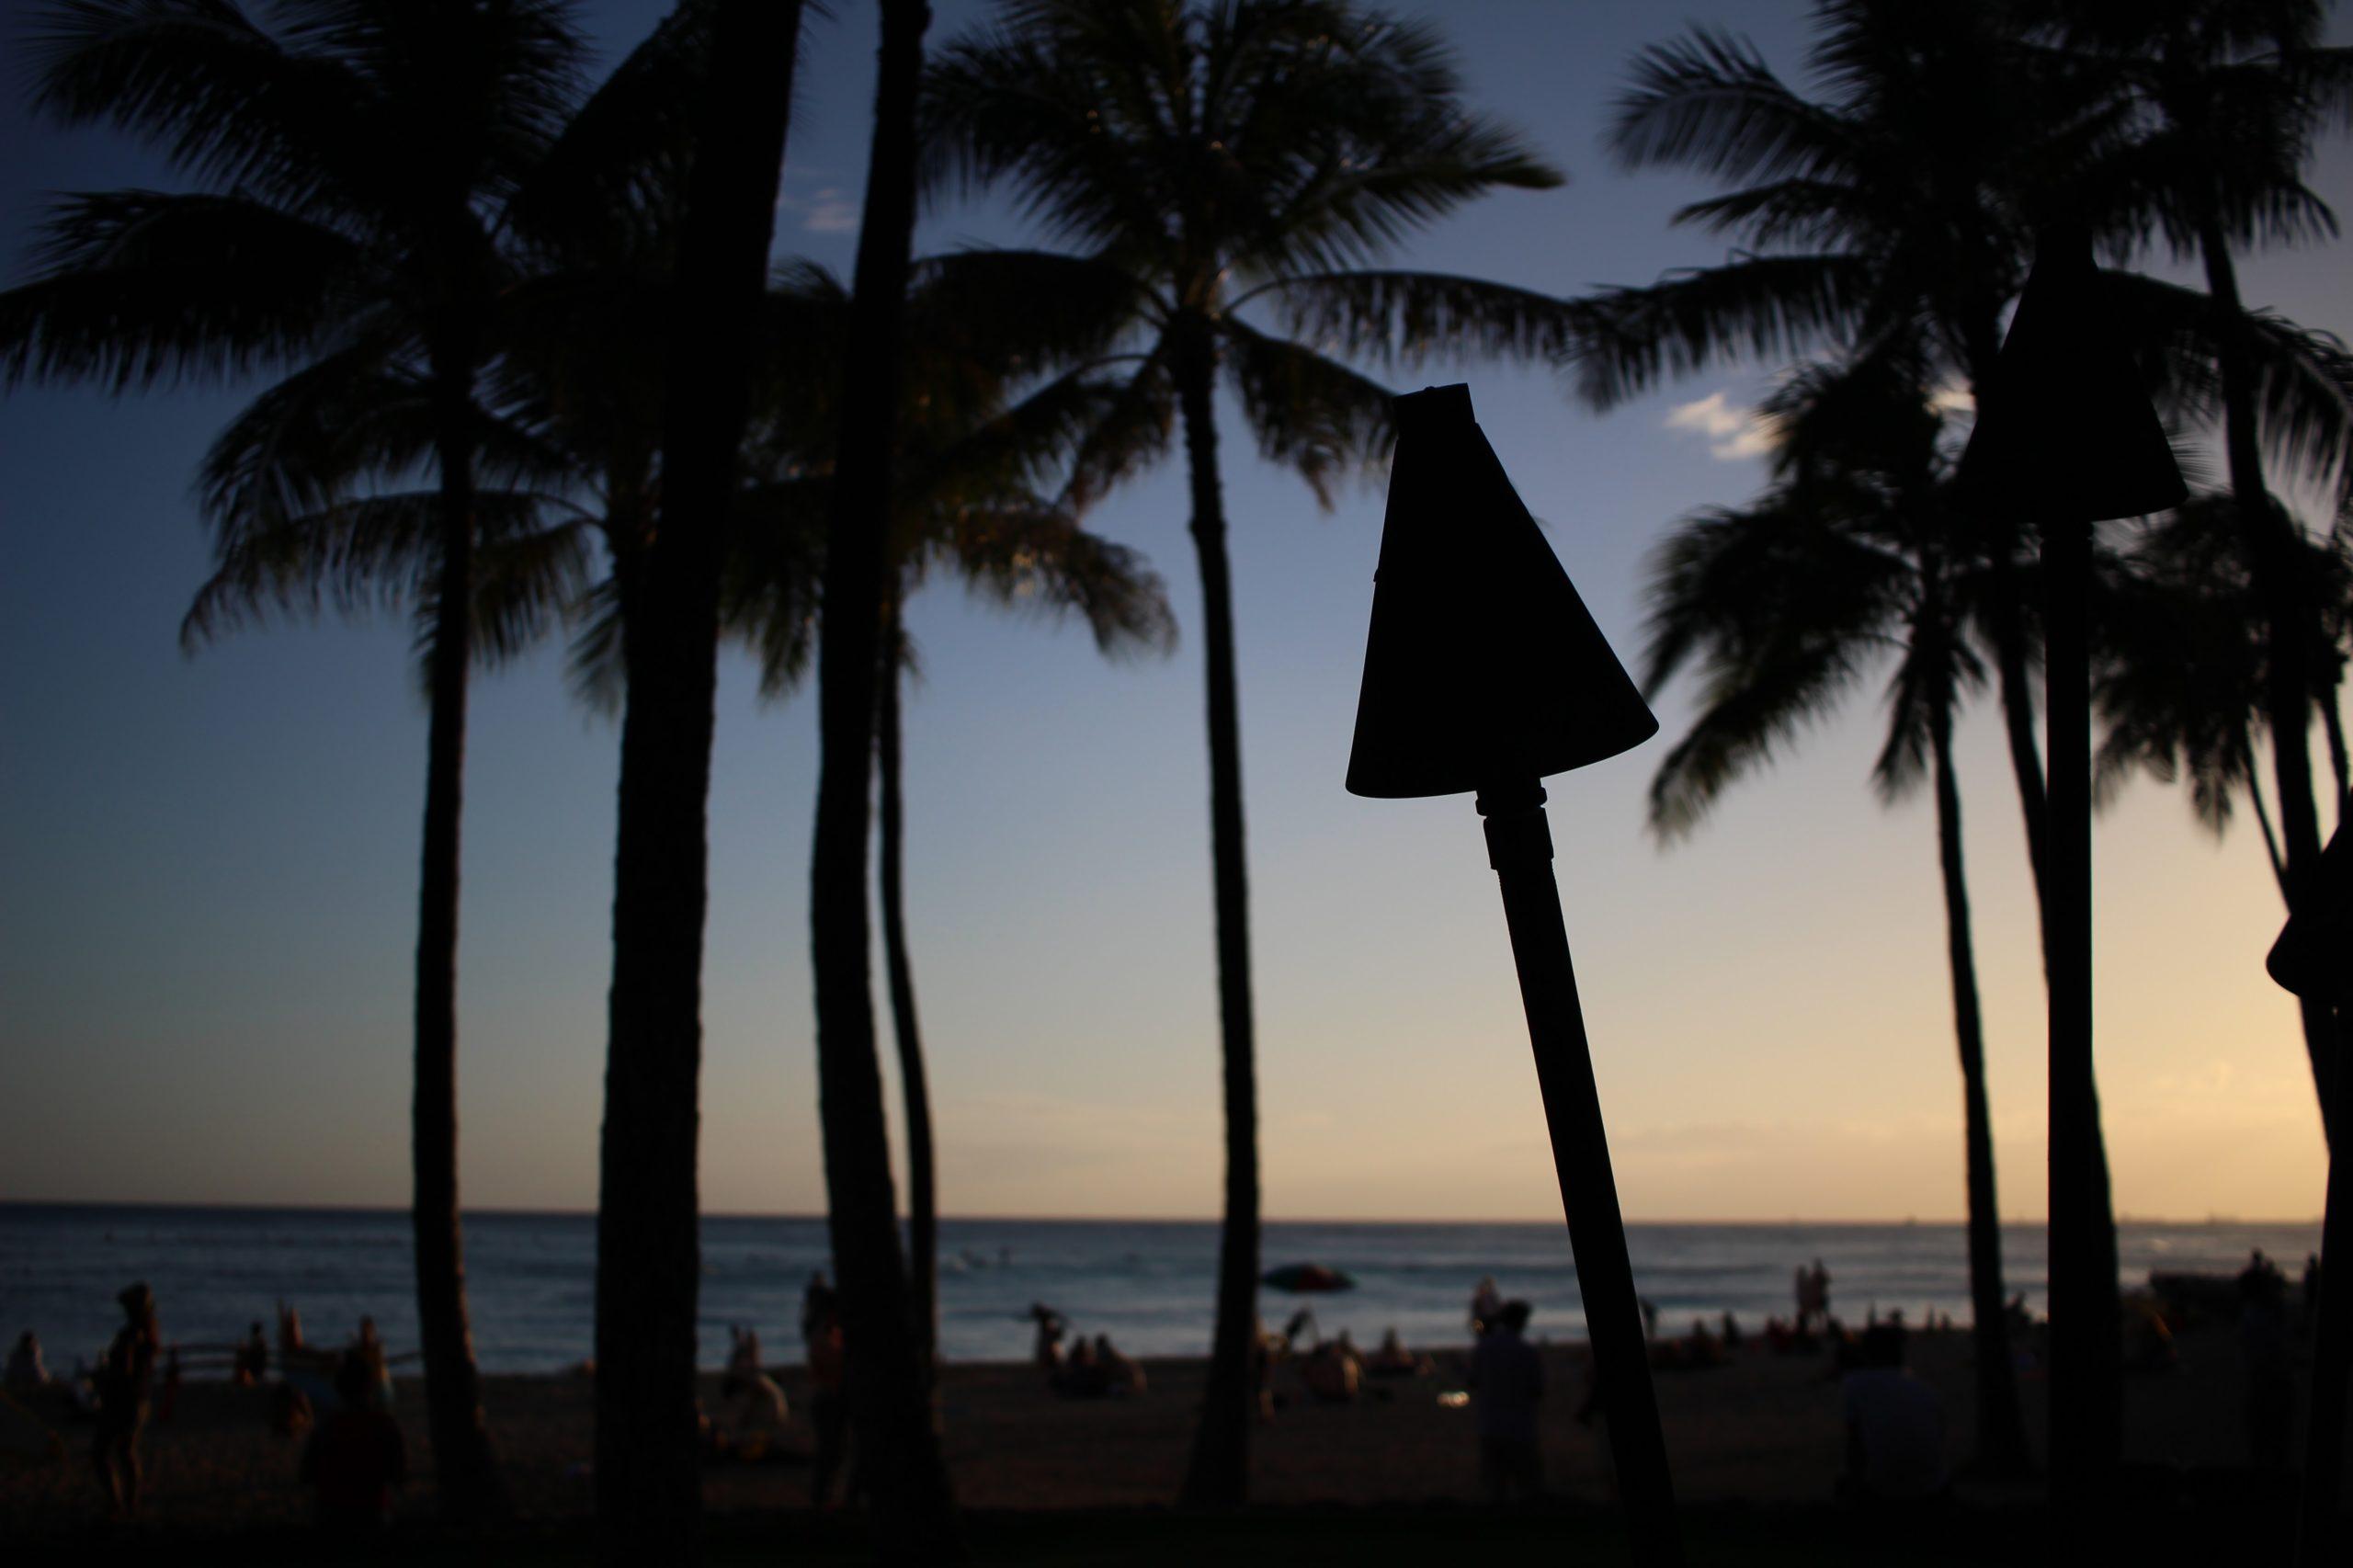 ハワイの夕暮れ